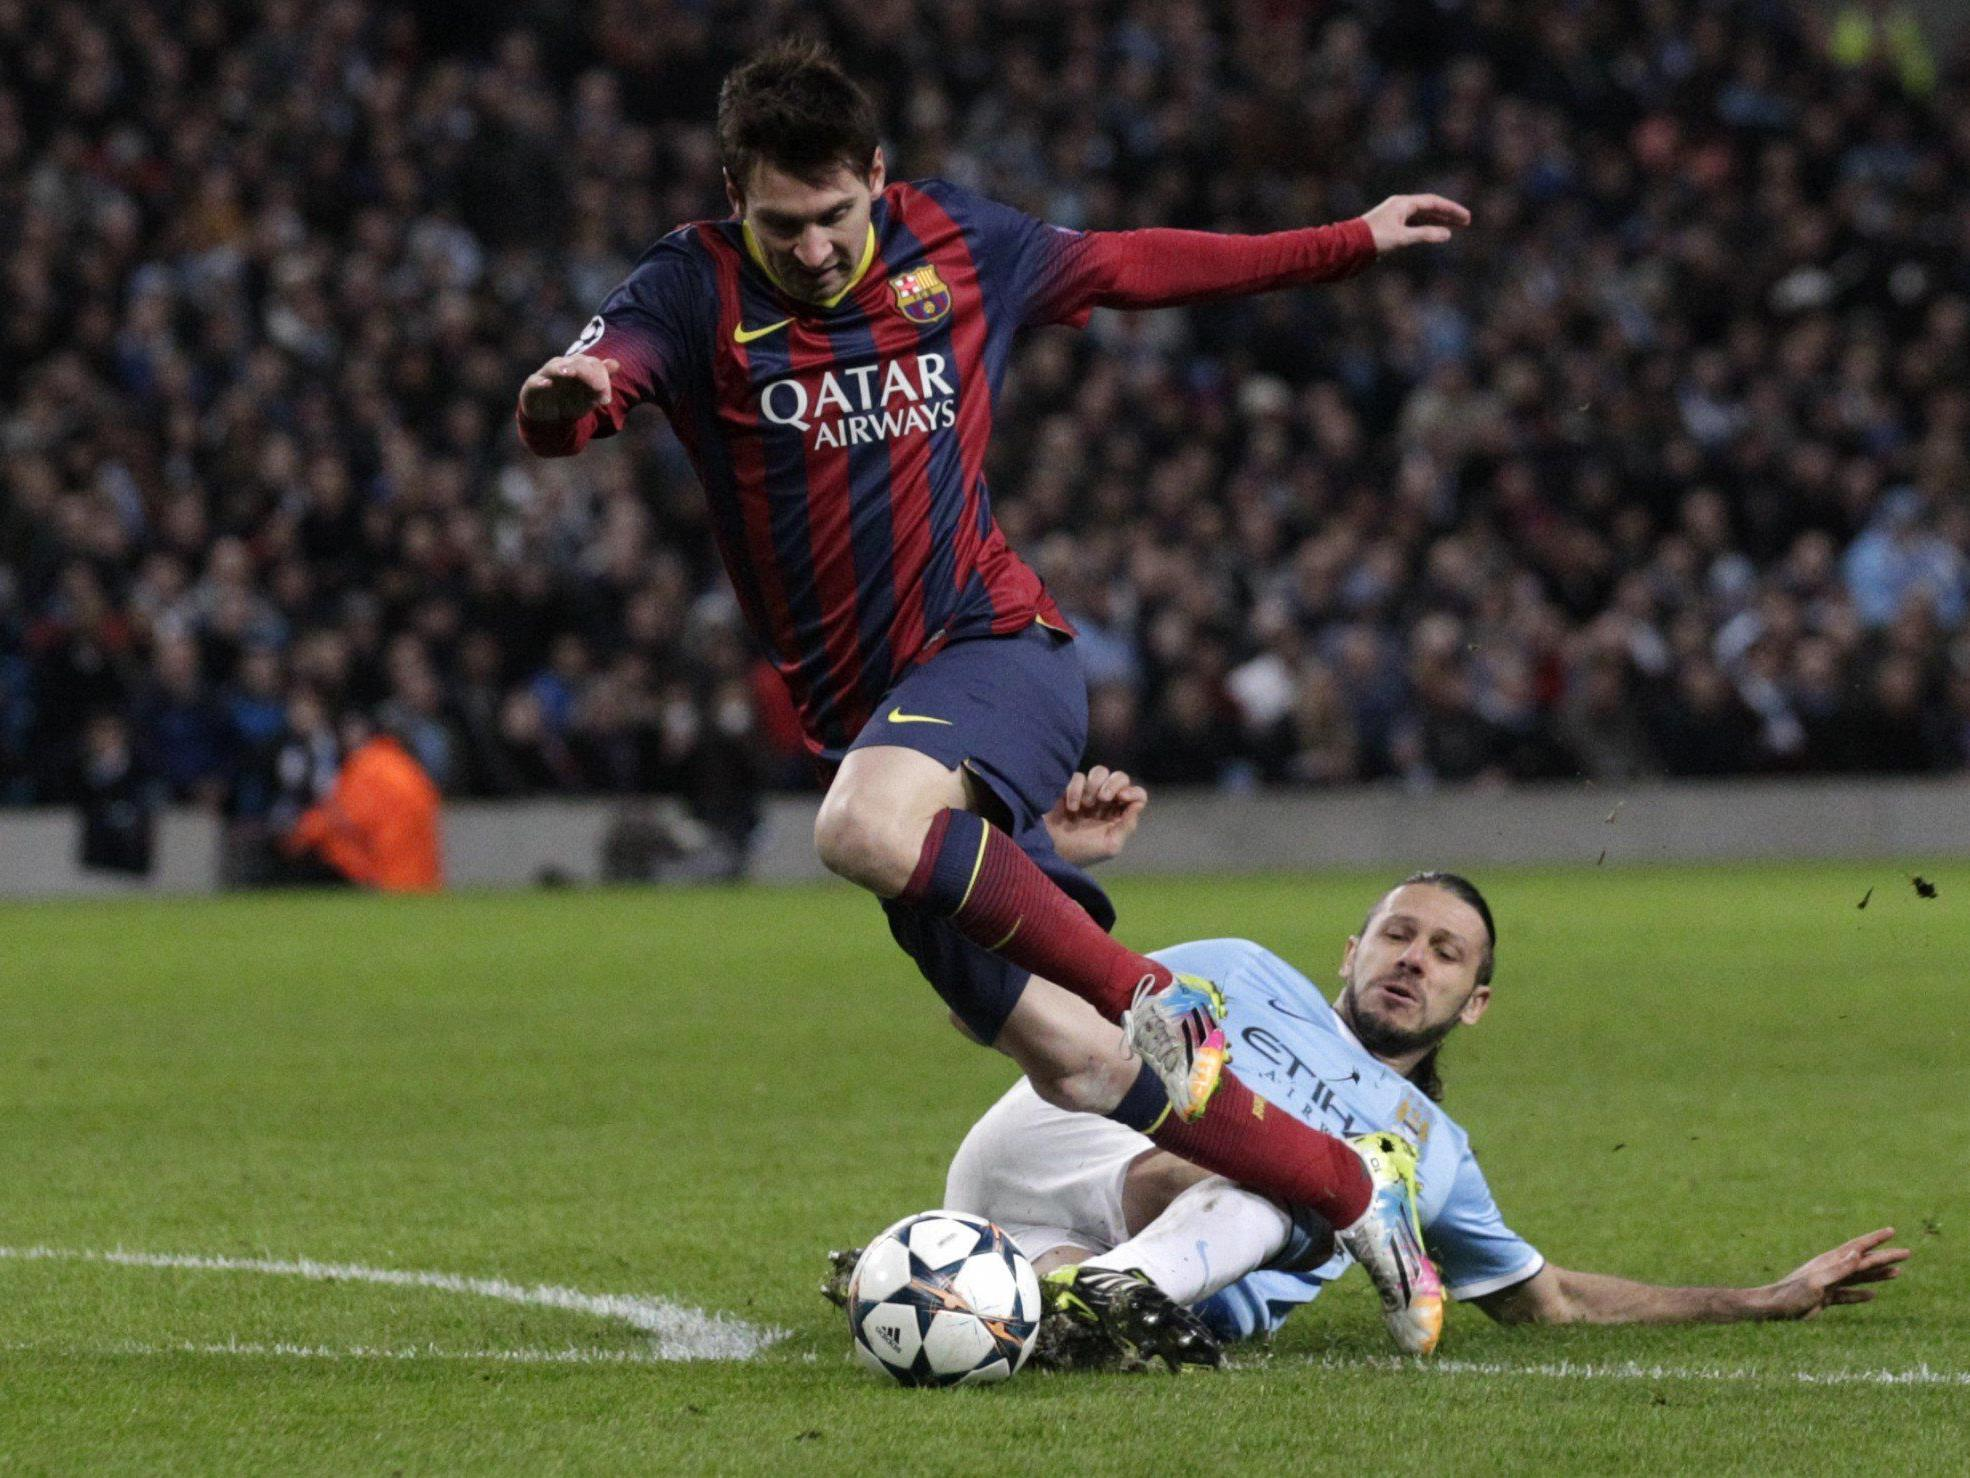 Die spielentscheidende Situation - das Elfmeterfoul an Lionel Messi.